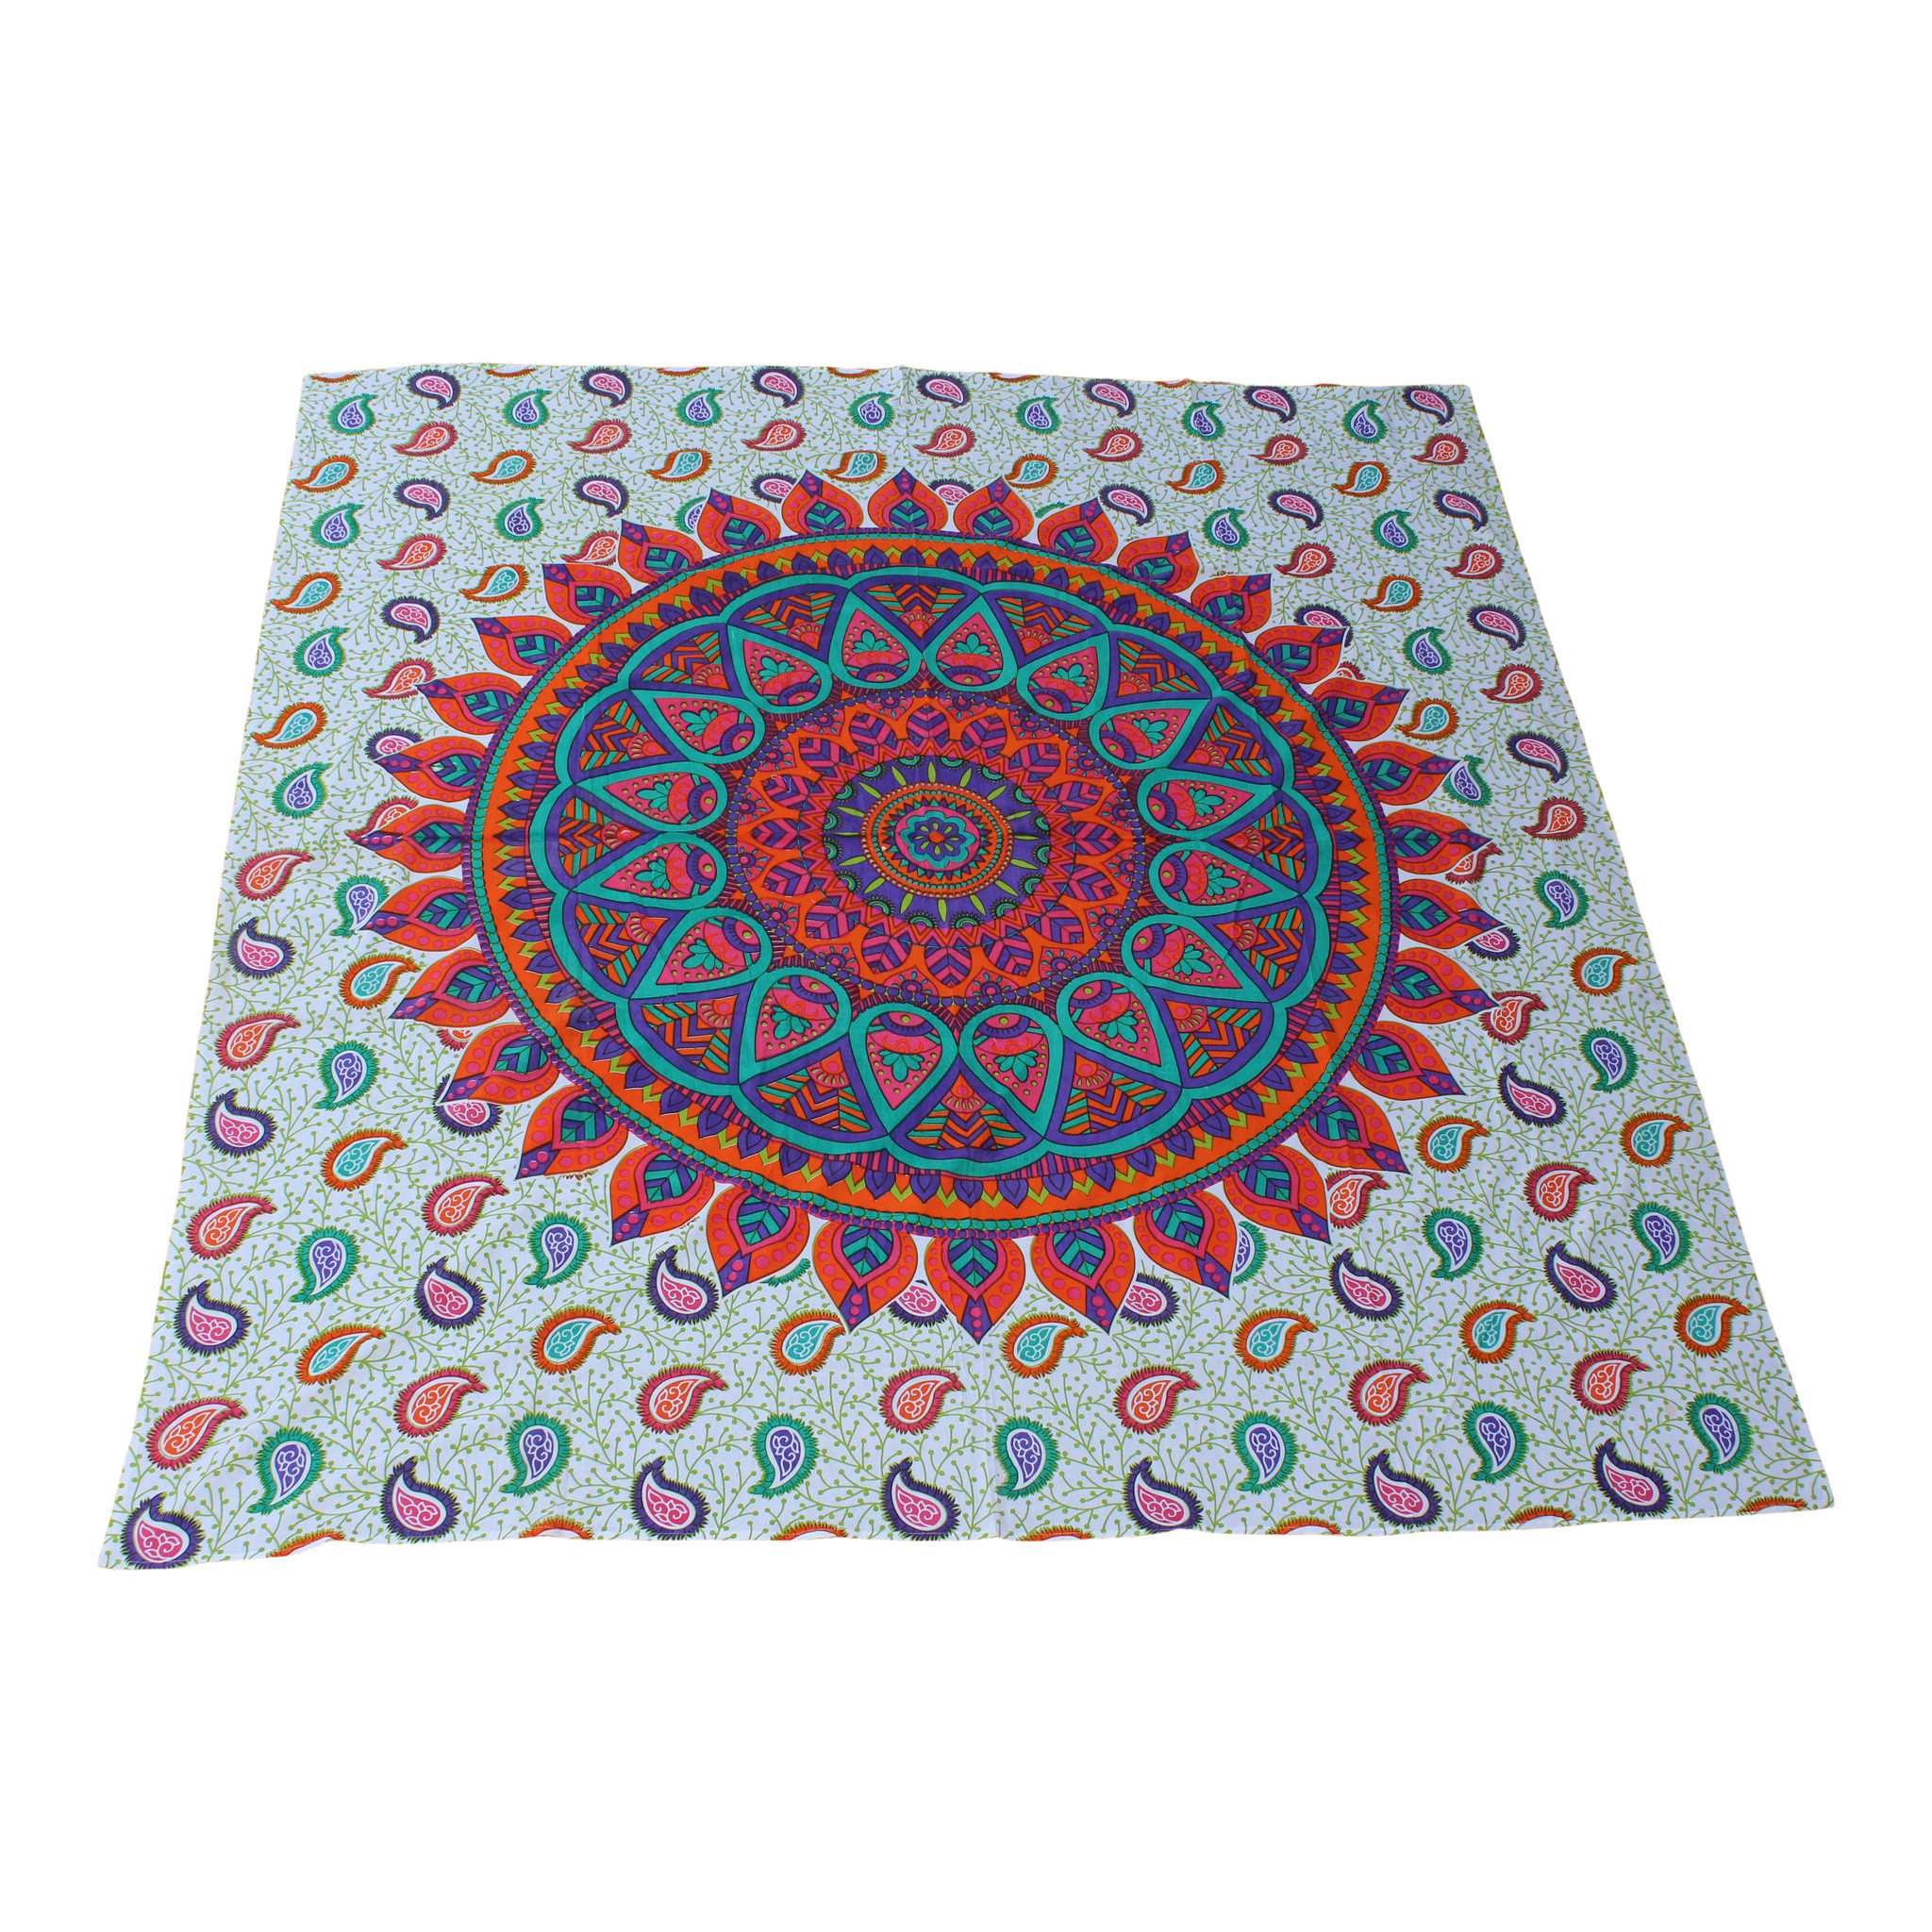 Myroundie Myroundie - roundie - vierkant strandlaken XL – yoga kleed- speelkleed - picknickkleed -100% katoen – Q6